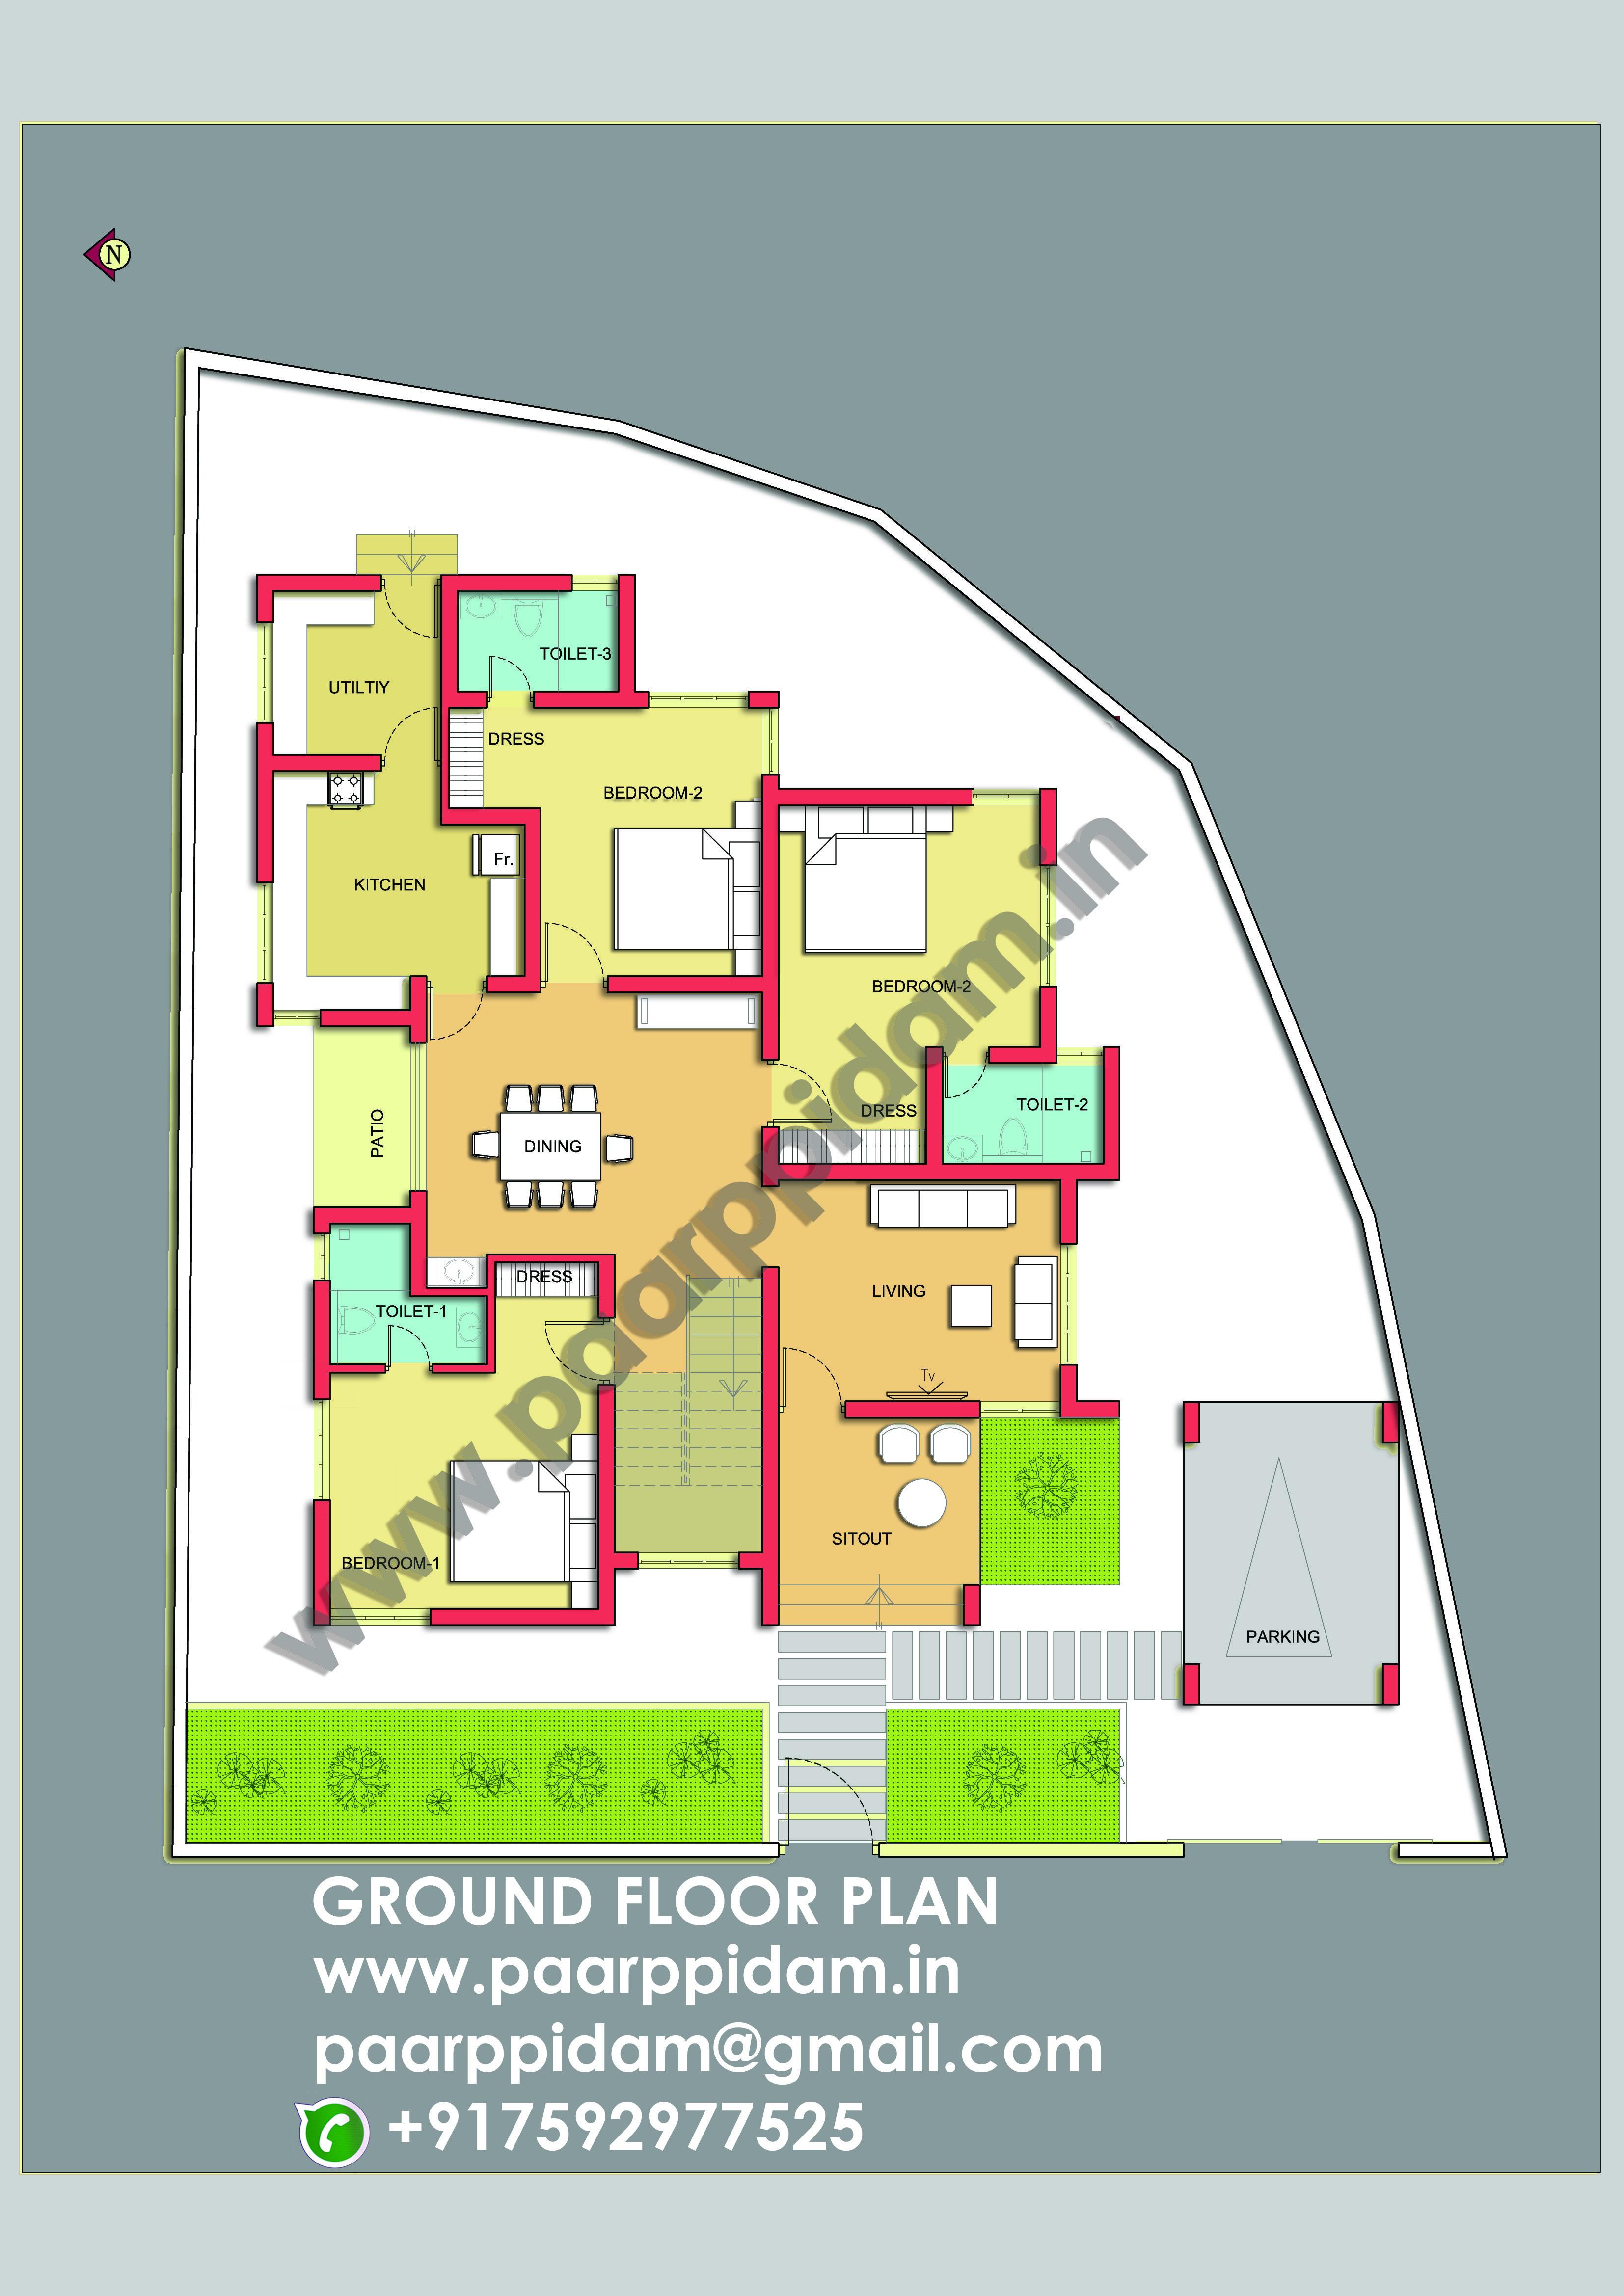 3 Bedroom Villa Plan Kerala India Villa Design Small House Plans Villa Plan